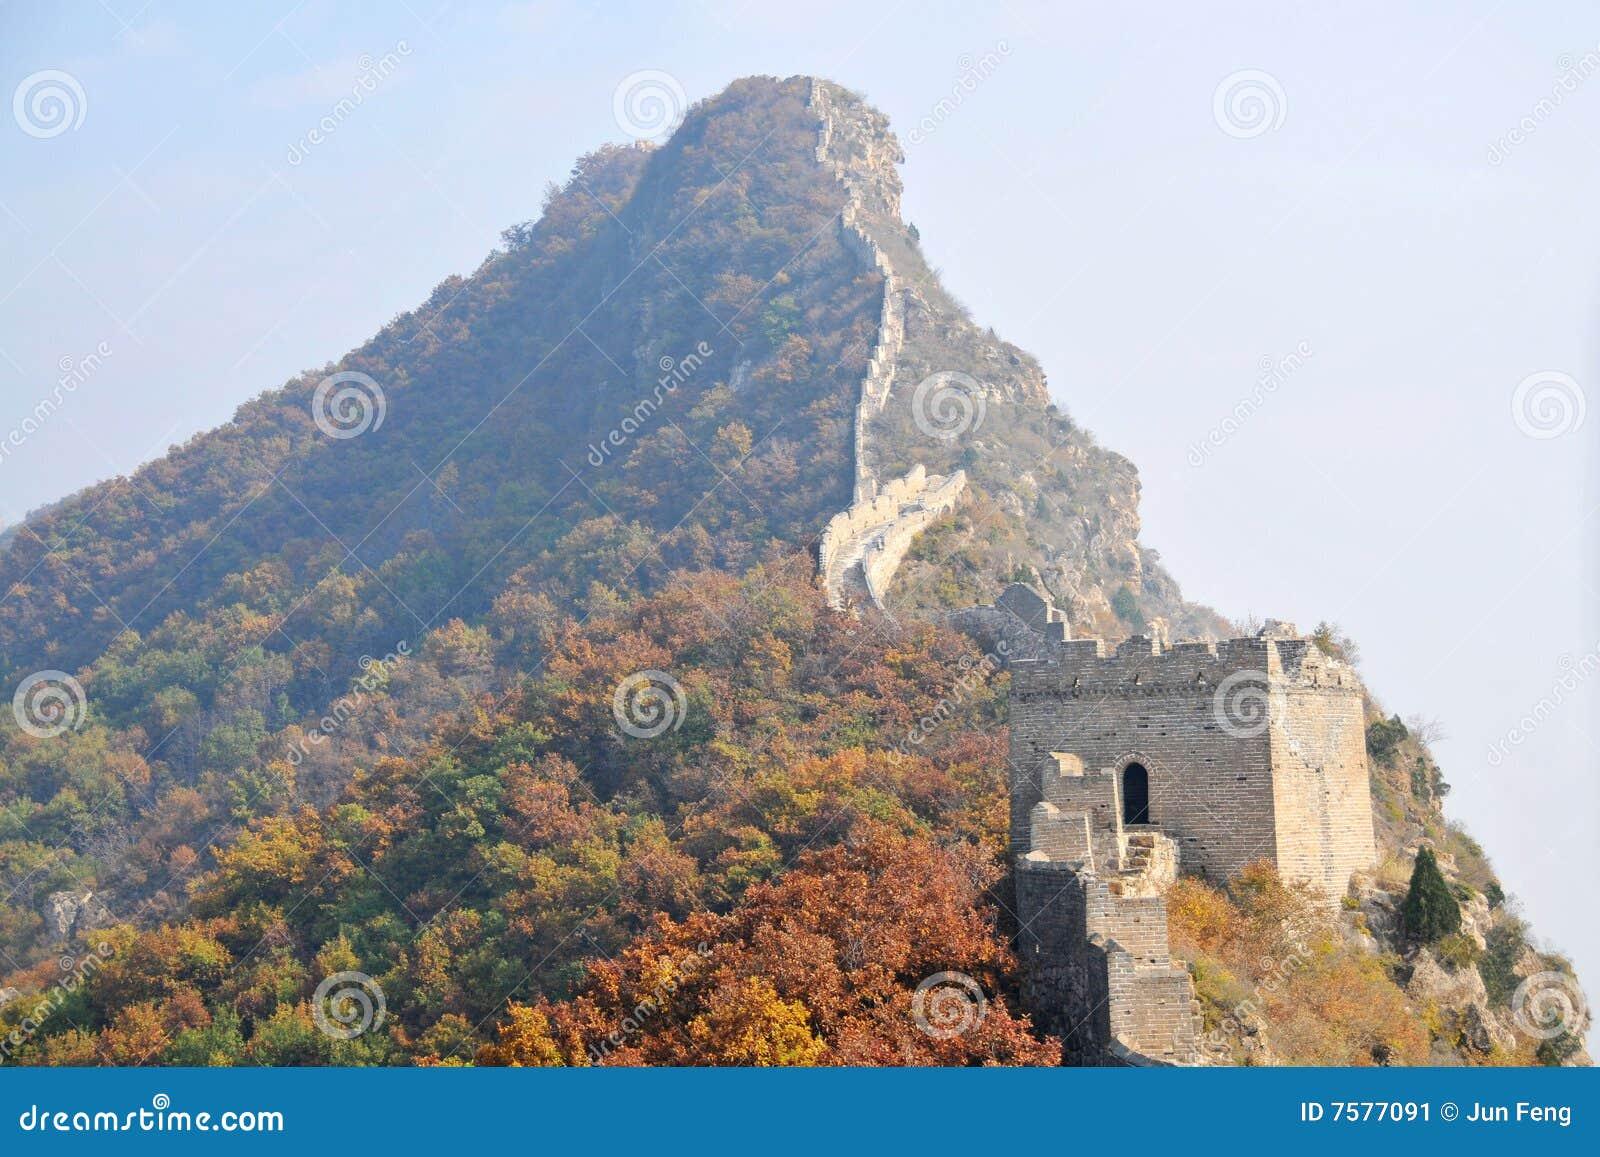 Peking, China, Simatai Chinesische Mauer